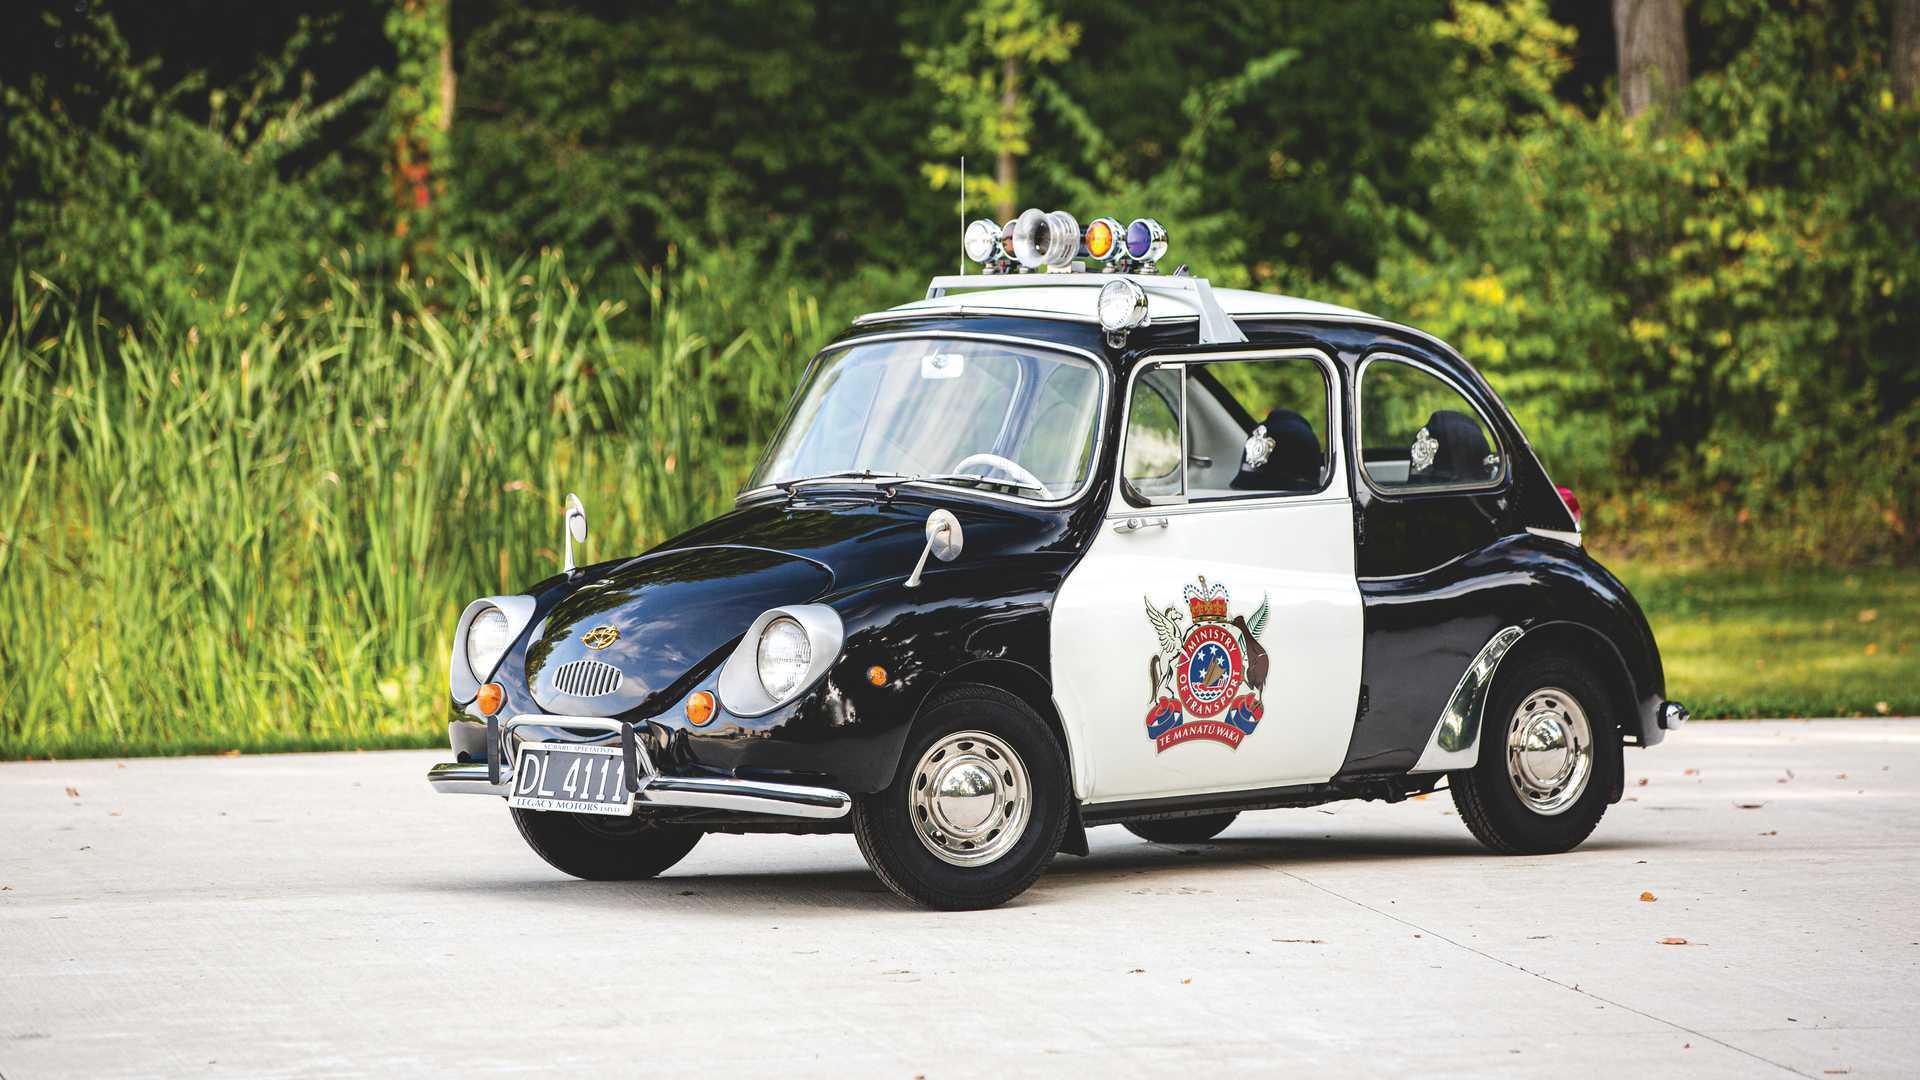 Мы привыкли к тому, что полицейские машины – это мощные и грозные «перехватчики», но так было не всегда. На аукционе продадут компактный Subaru 360, служивший в новозеландской полиции.